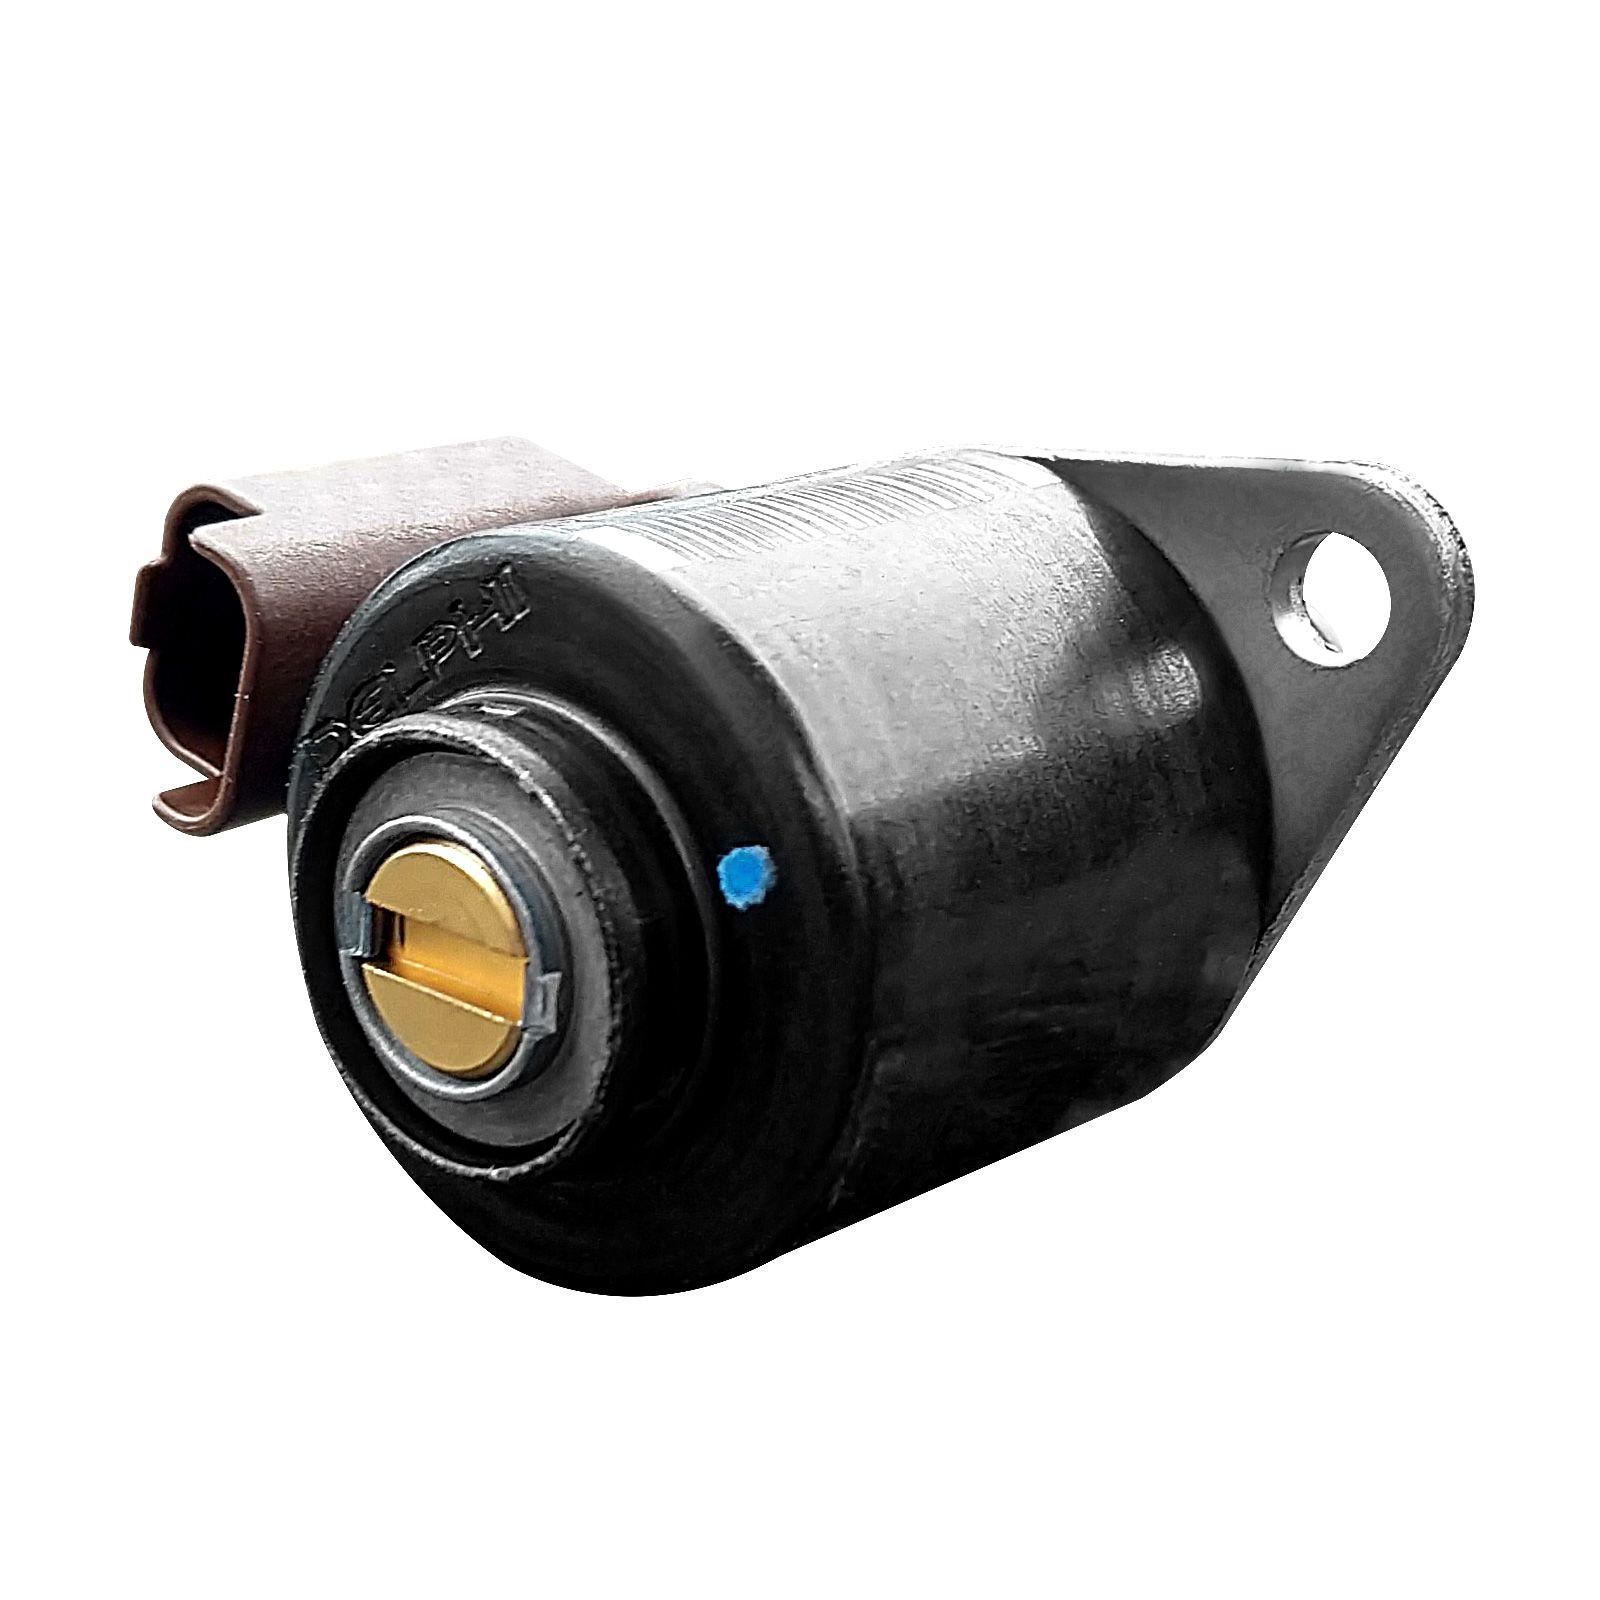 Válvula da Bomba de Alta Pressão Ssangyong Actyon 2.0 16v e kyron 2.7 20v Original Delphi 9109-903